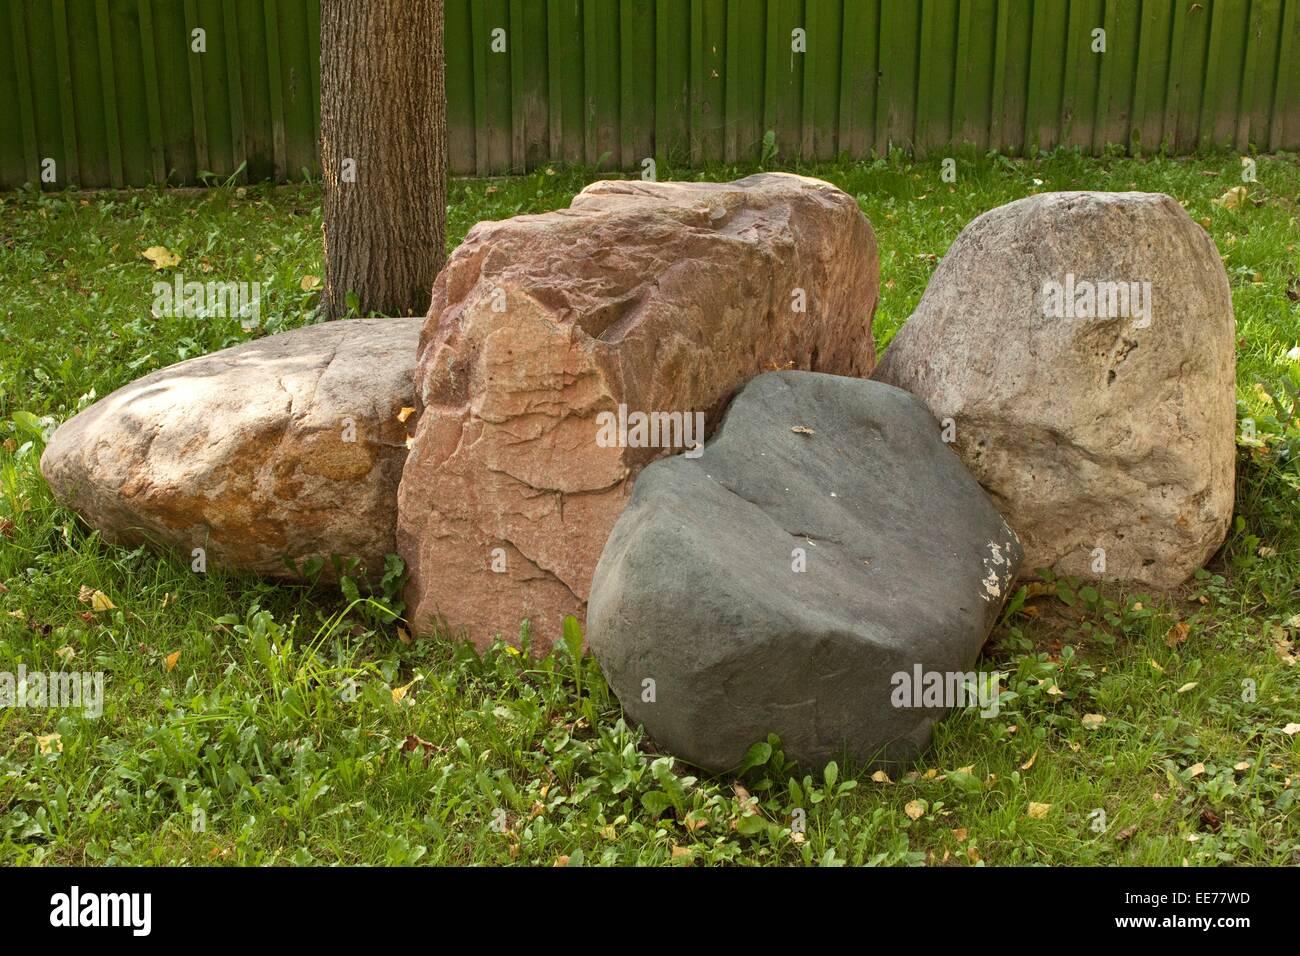 Garden Landscape Design Stock Photos & Garden Landscape Design Stock ...